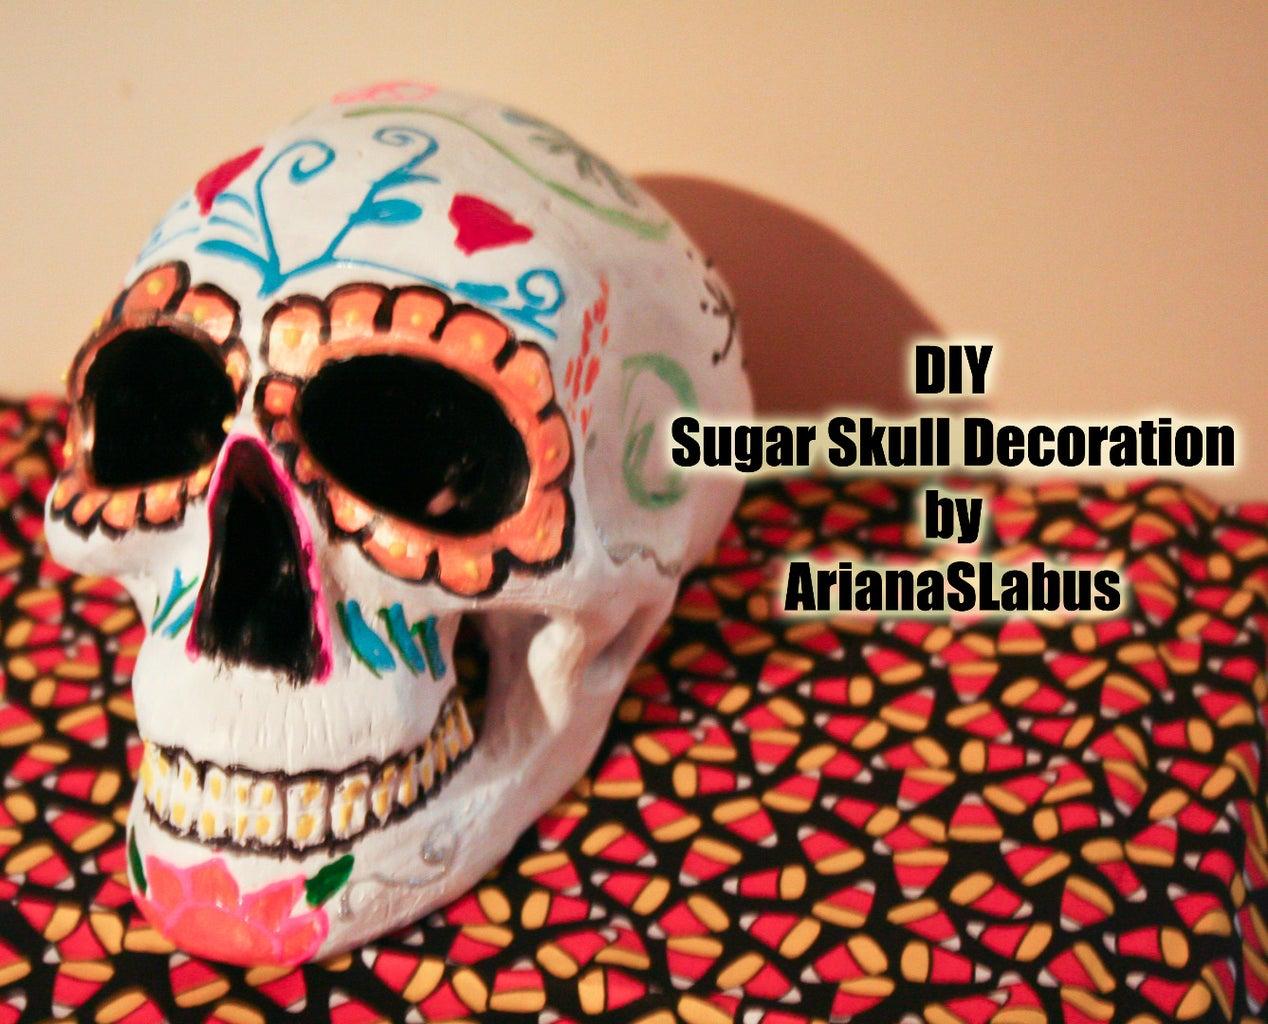 Sugar Skull Decoration